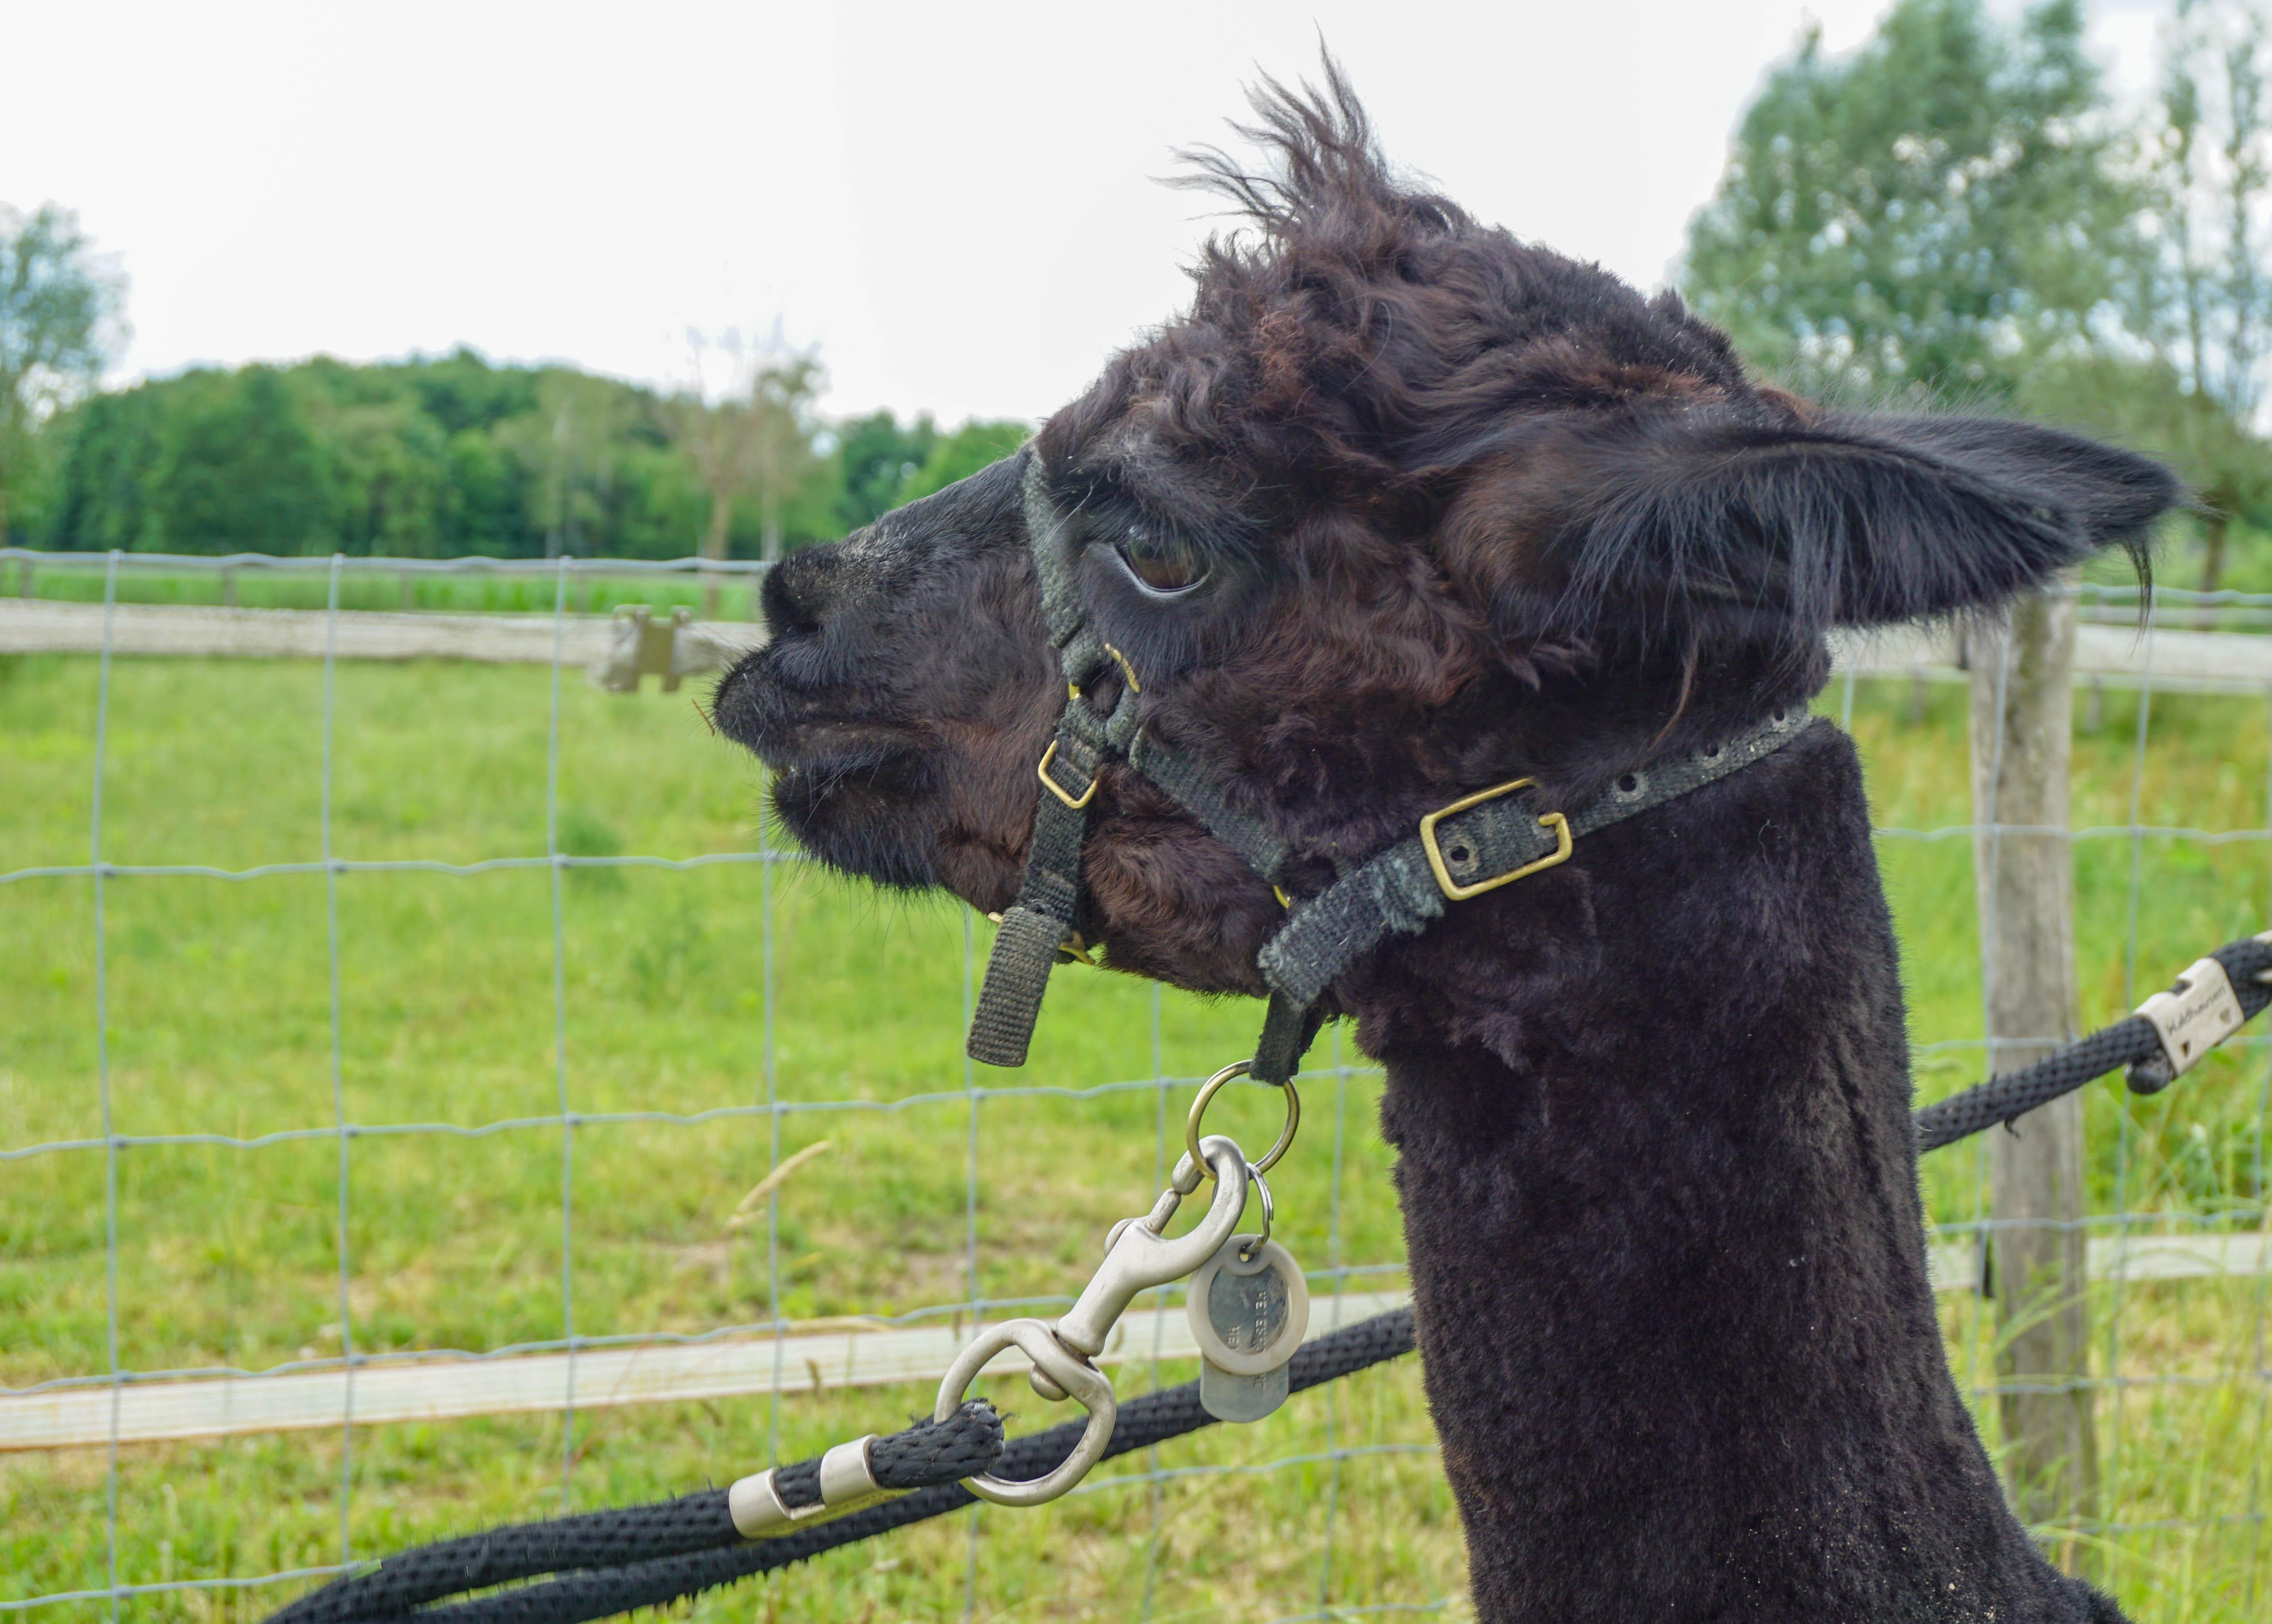 Smart looking alpaca at Beleefboerderij Heijerhof, Netherlands